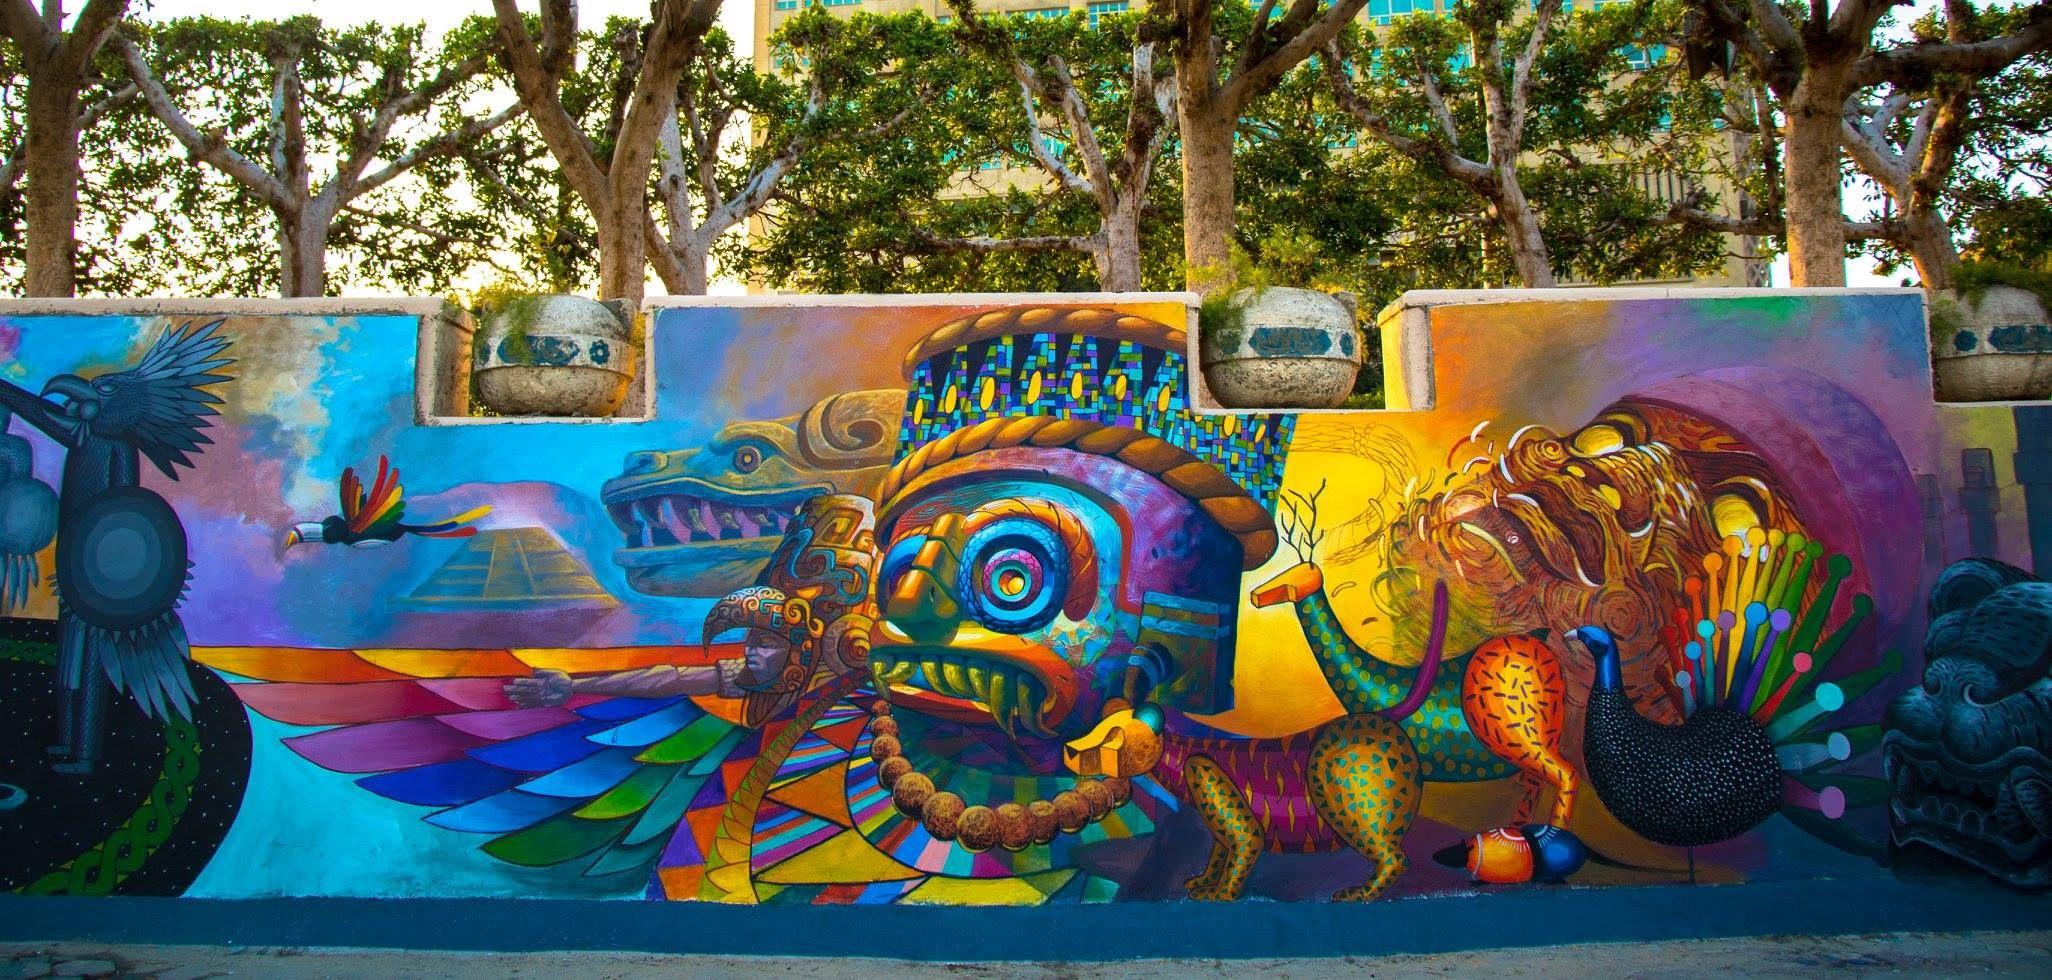 Street Art Mexicano Mural Urbano Graffiti De Arte Callejero